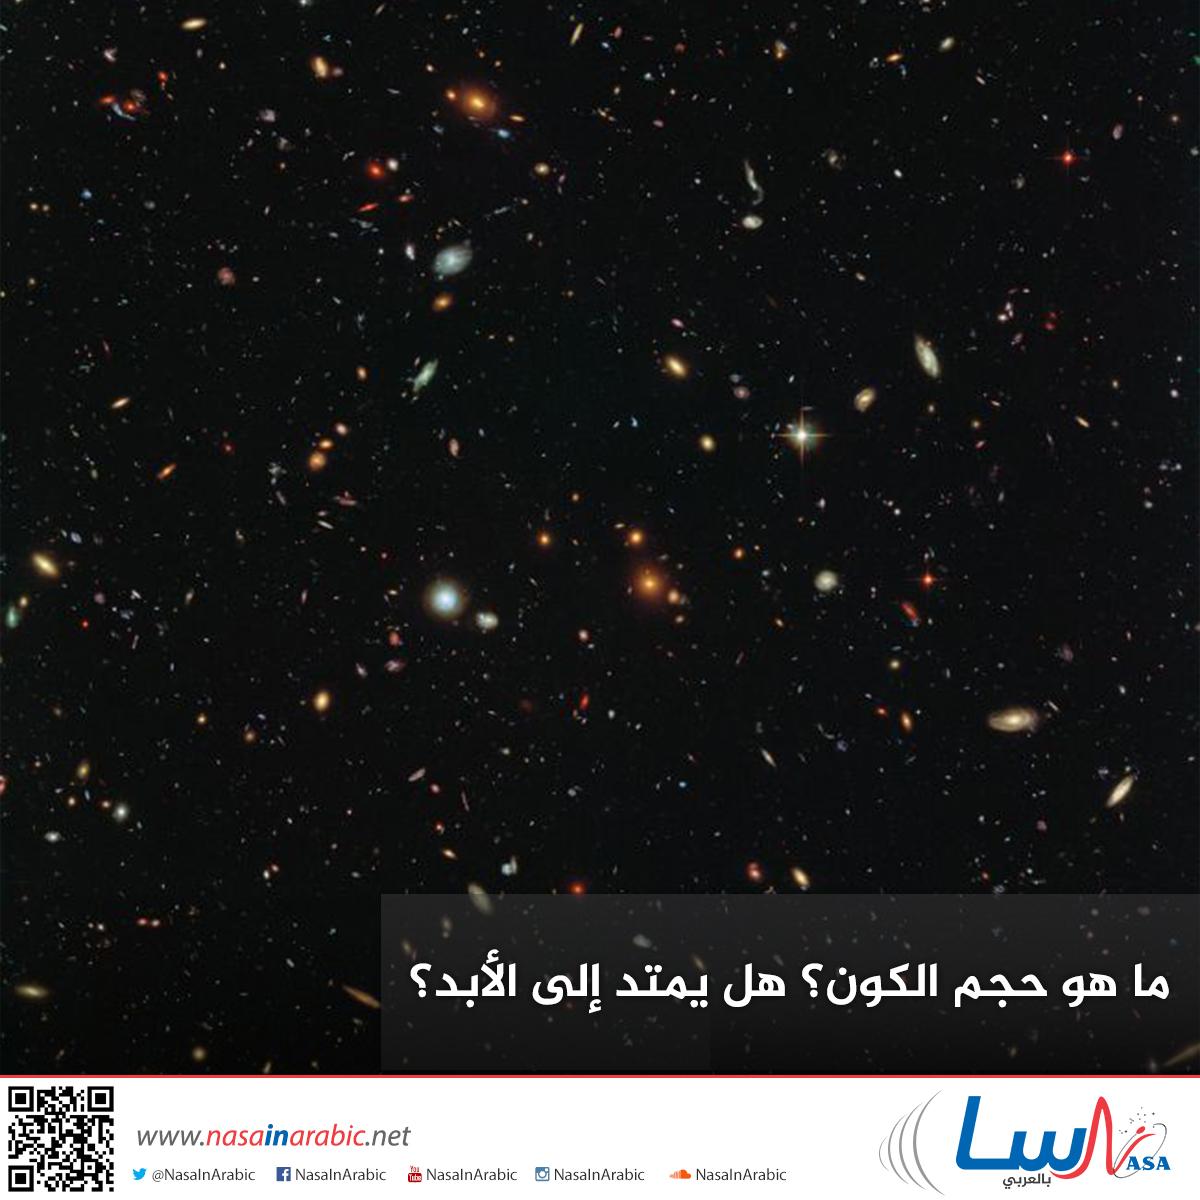 ما هو حجم الكون؟ هل يمتد إلى الأبد؟